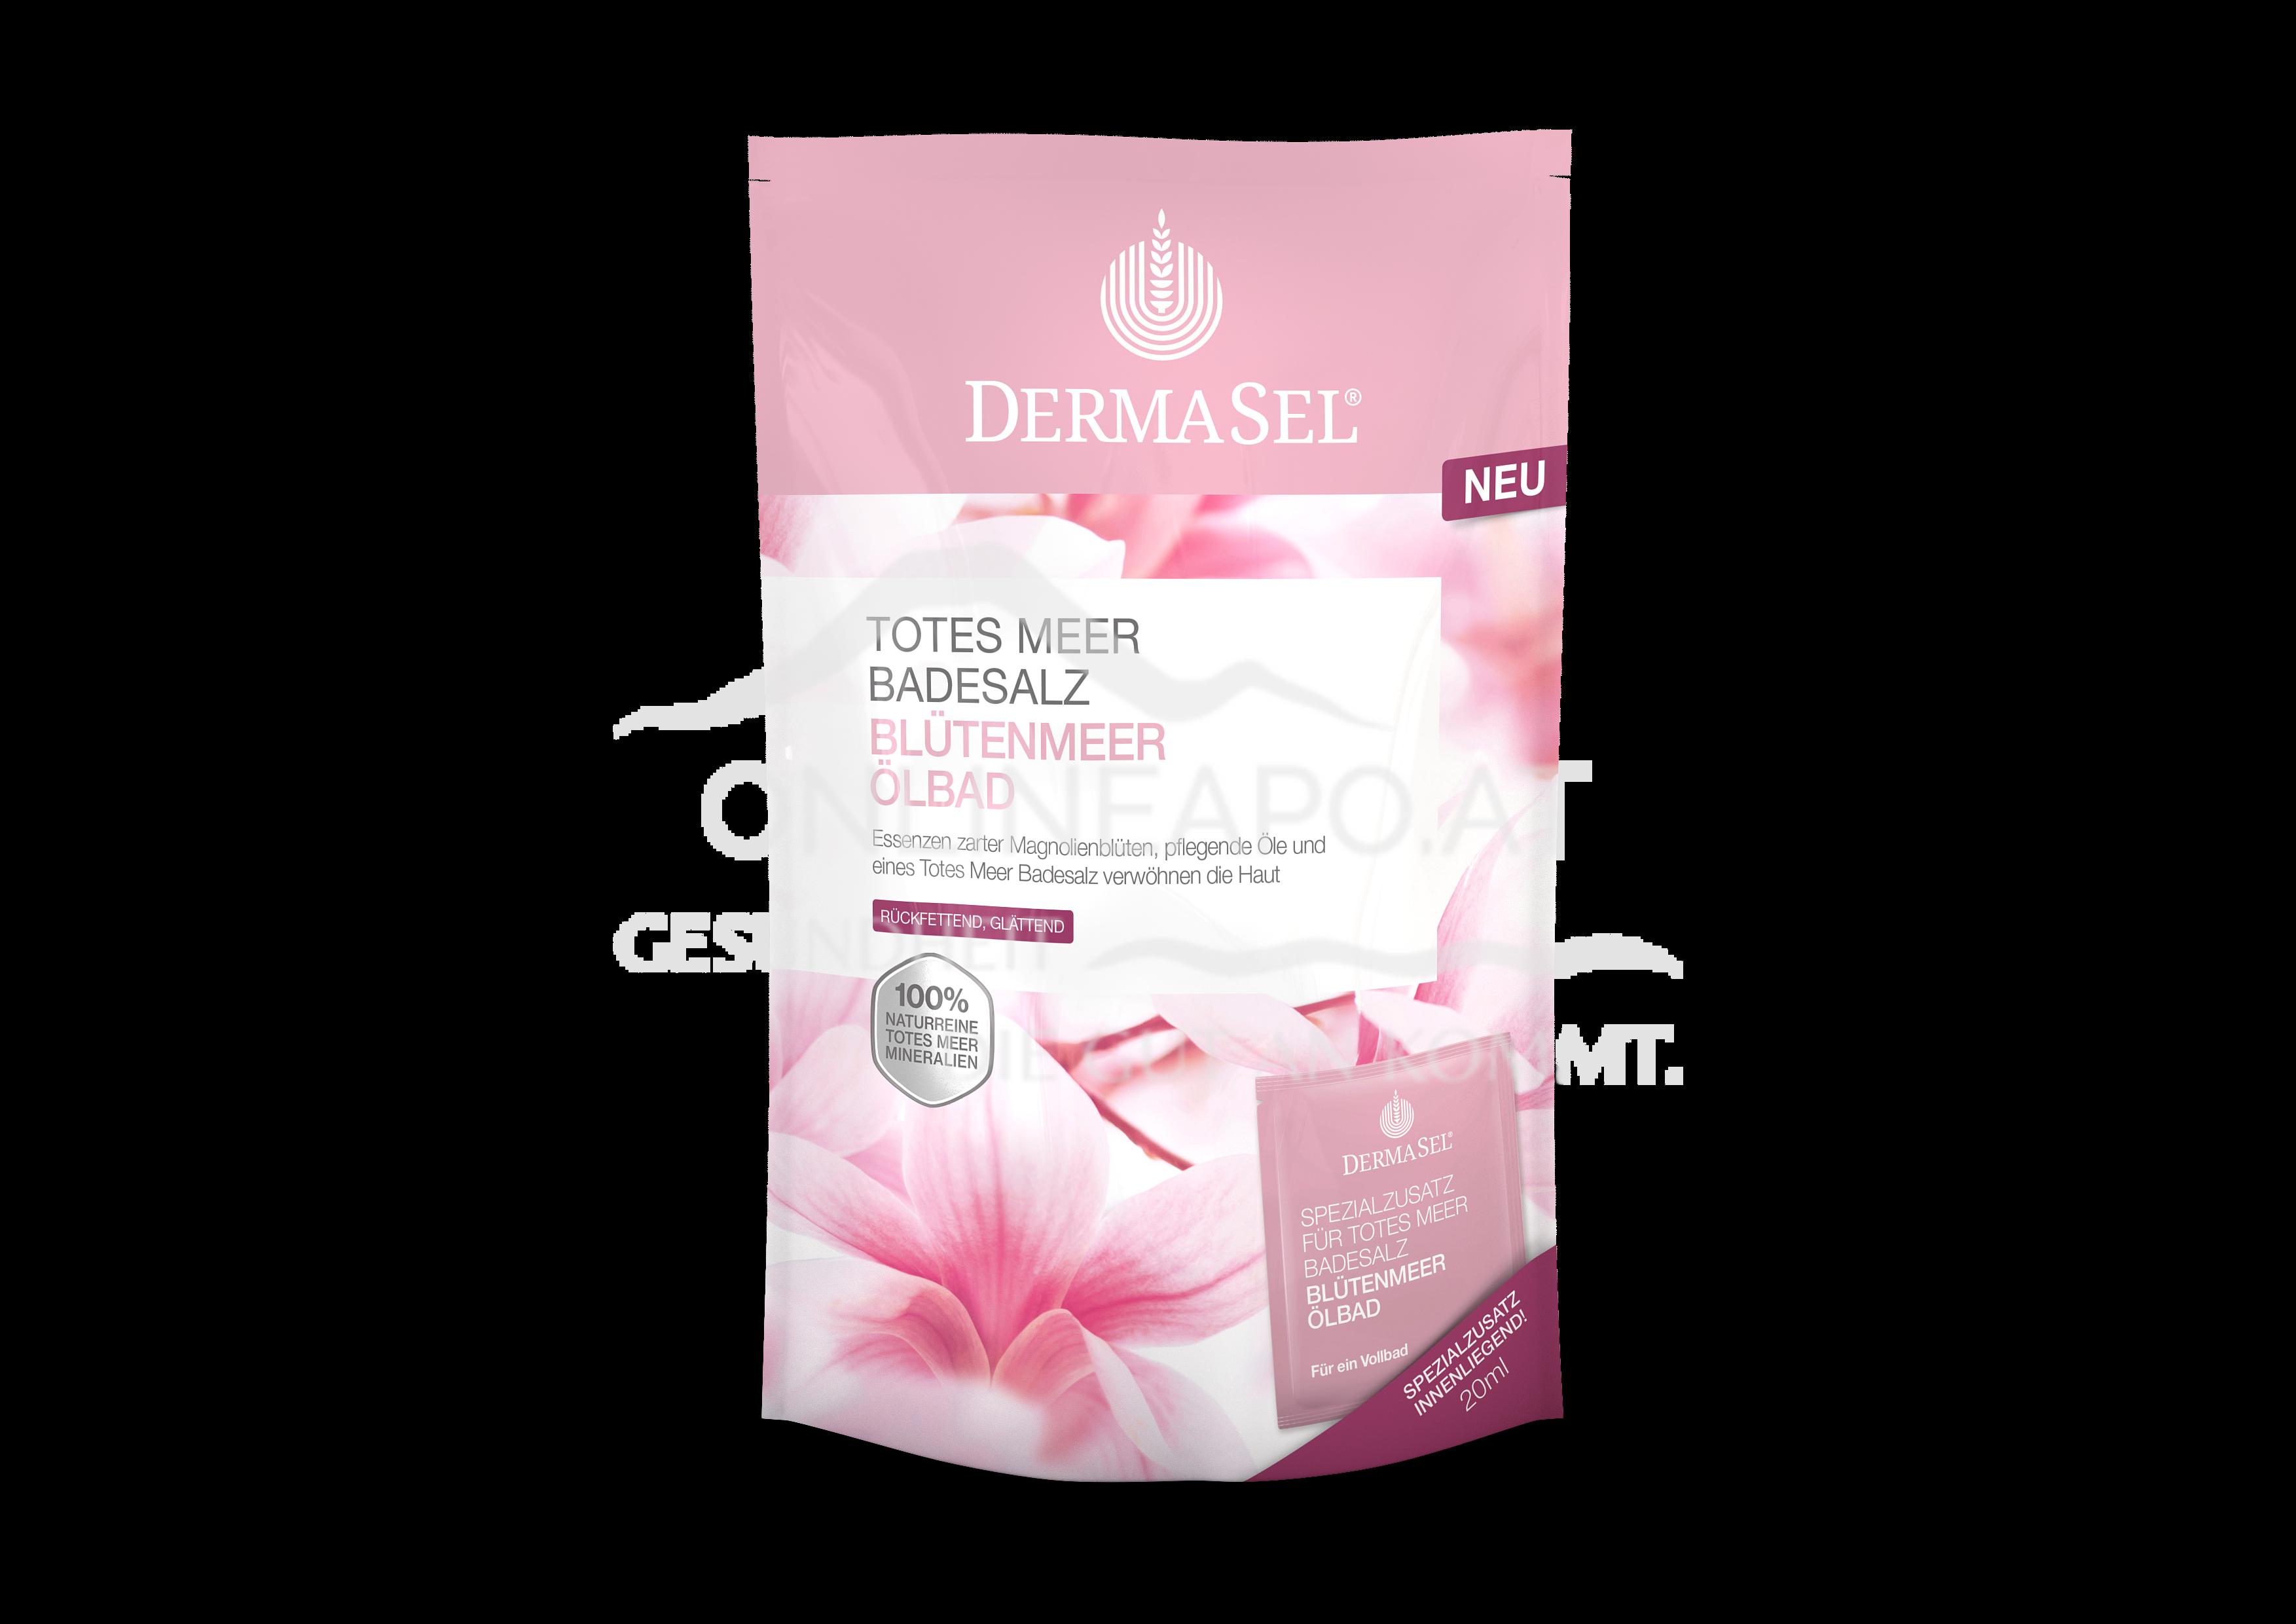 DermaSel® Totes Meer Badesalz Blütenmeer Ölbad